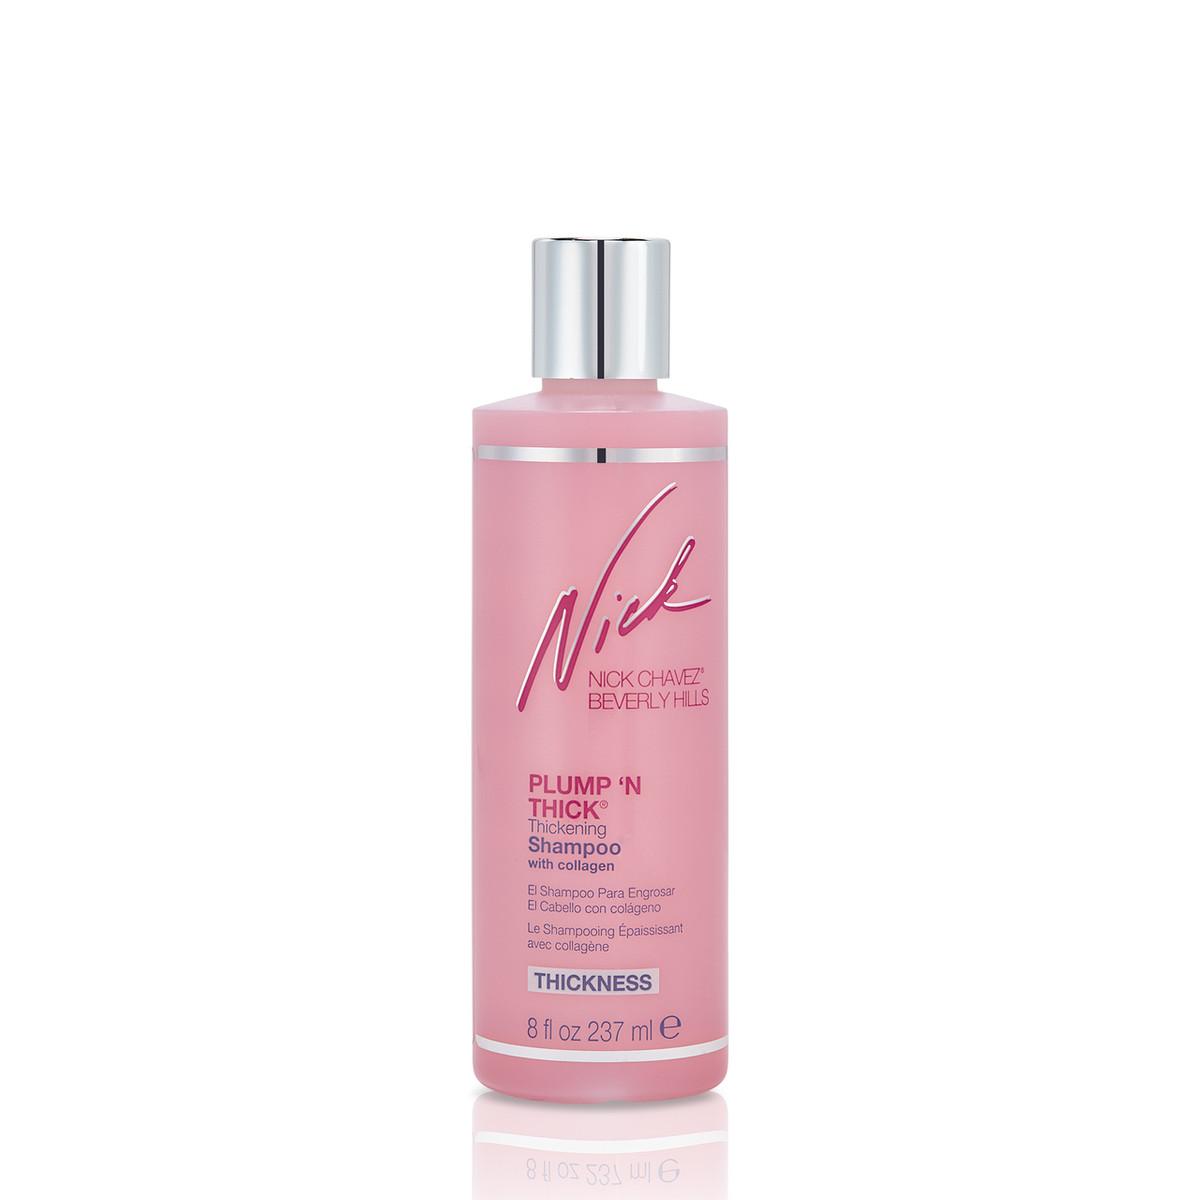 8oz Plump 'N Thick Thickening Shampoo